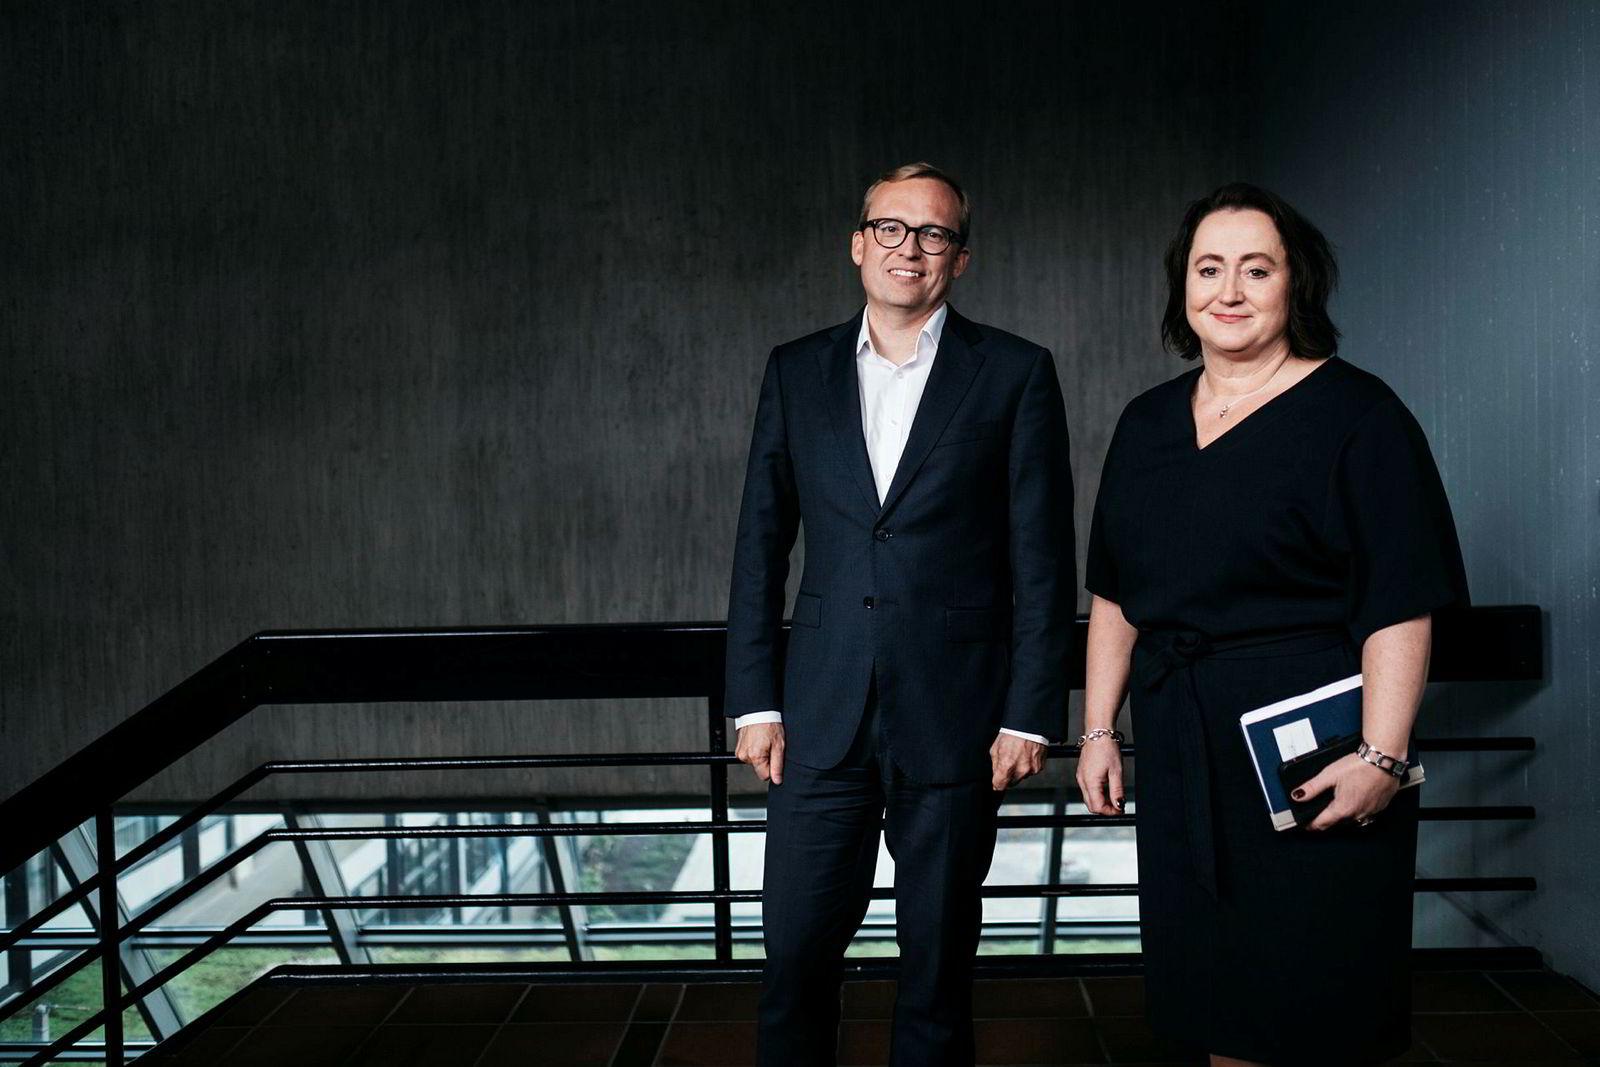 Direktør Ann-Elisabeth Serck-Hanssen og Kjetil Johnsen, leder for shipping i Equinor, snakket med DN om selskapets shippingstrategi kort tid før ulykken.